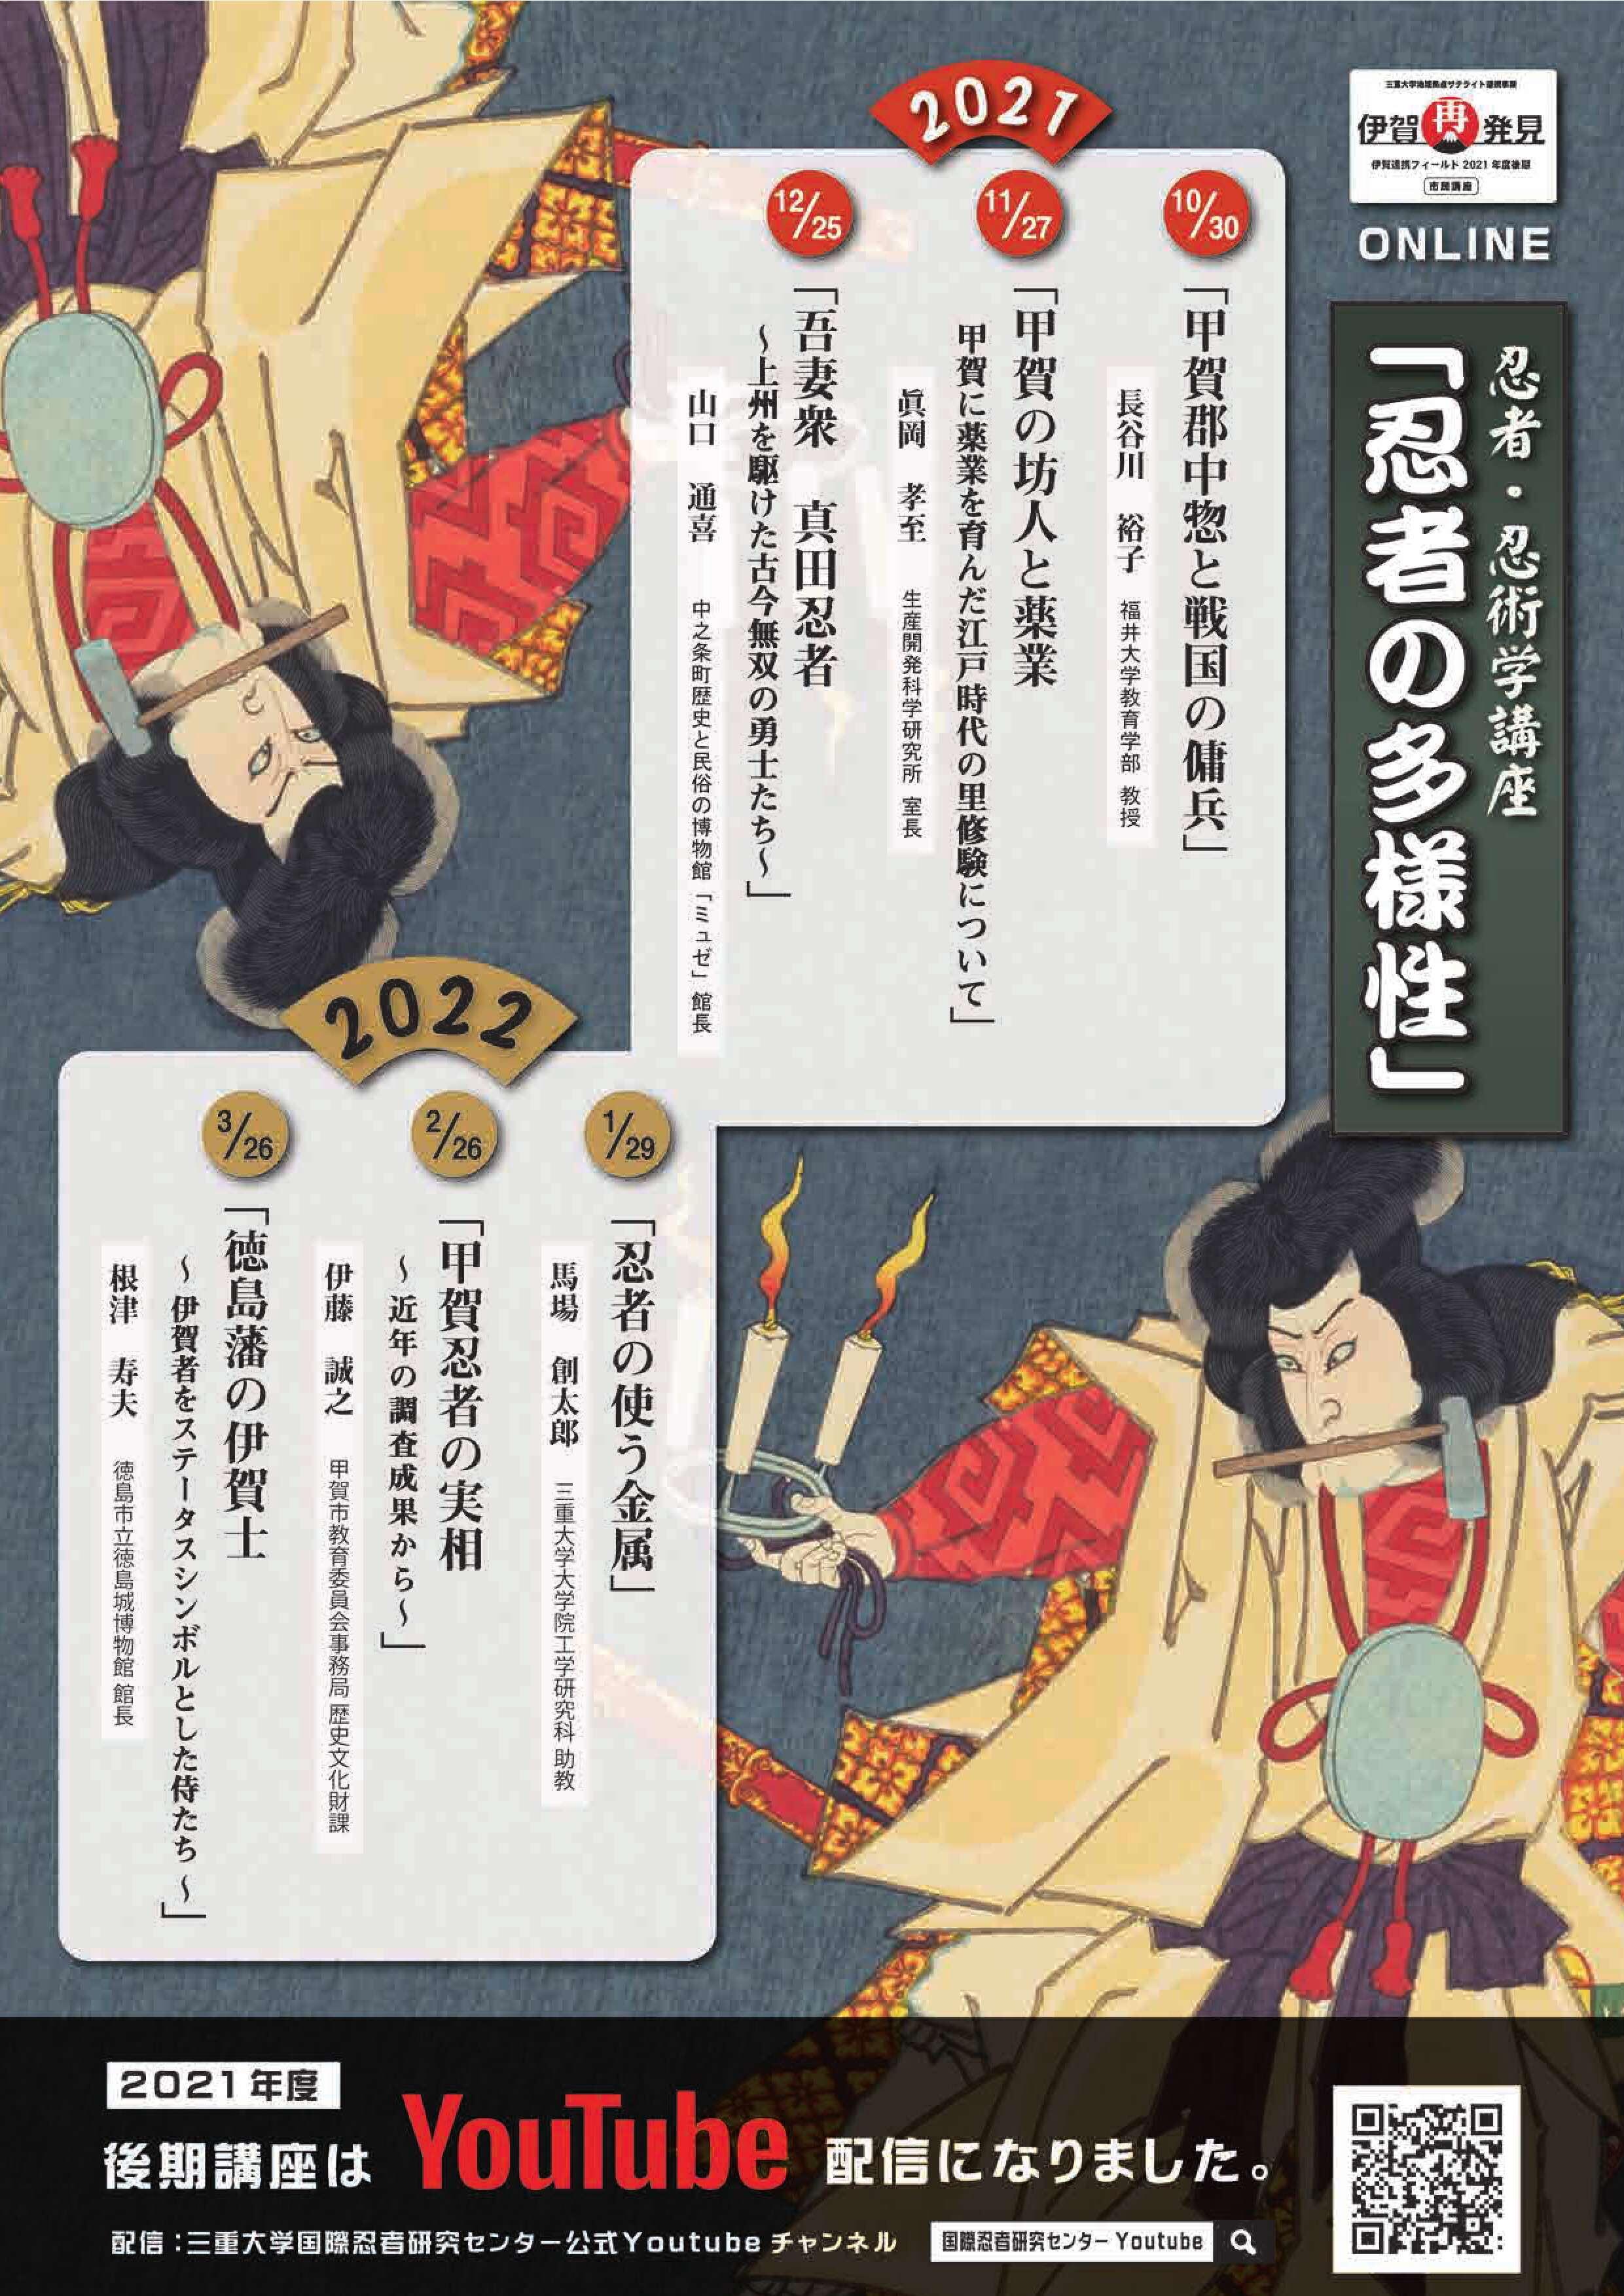 2021後期の忍者・忍術学講座完成デザイン_1.jpg